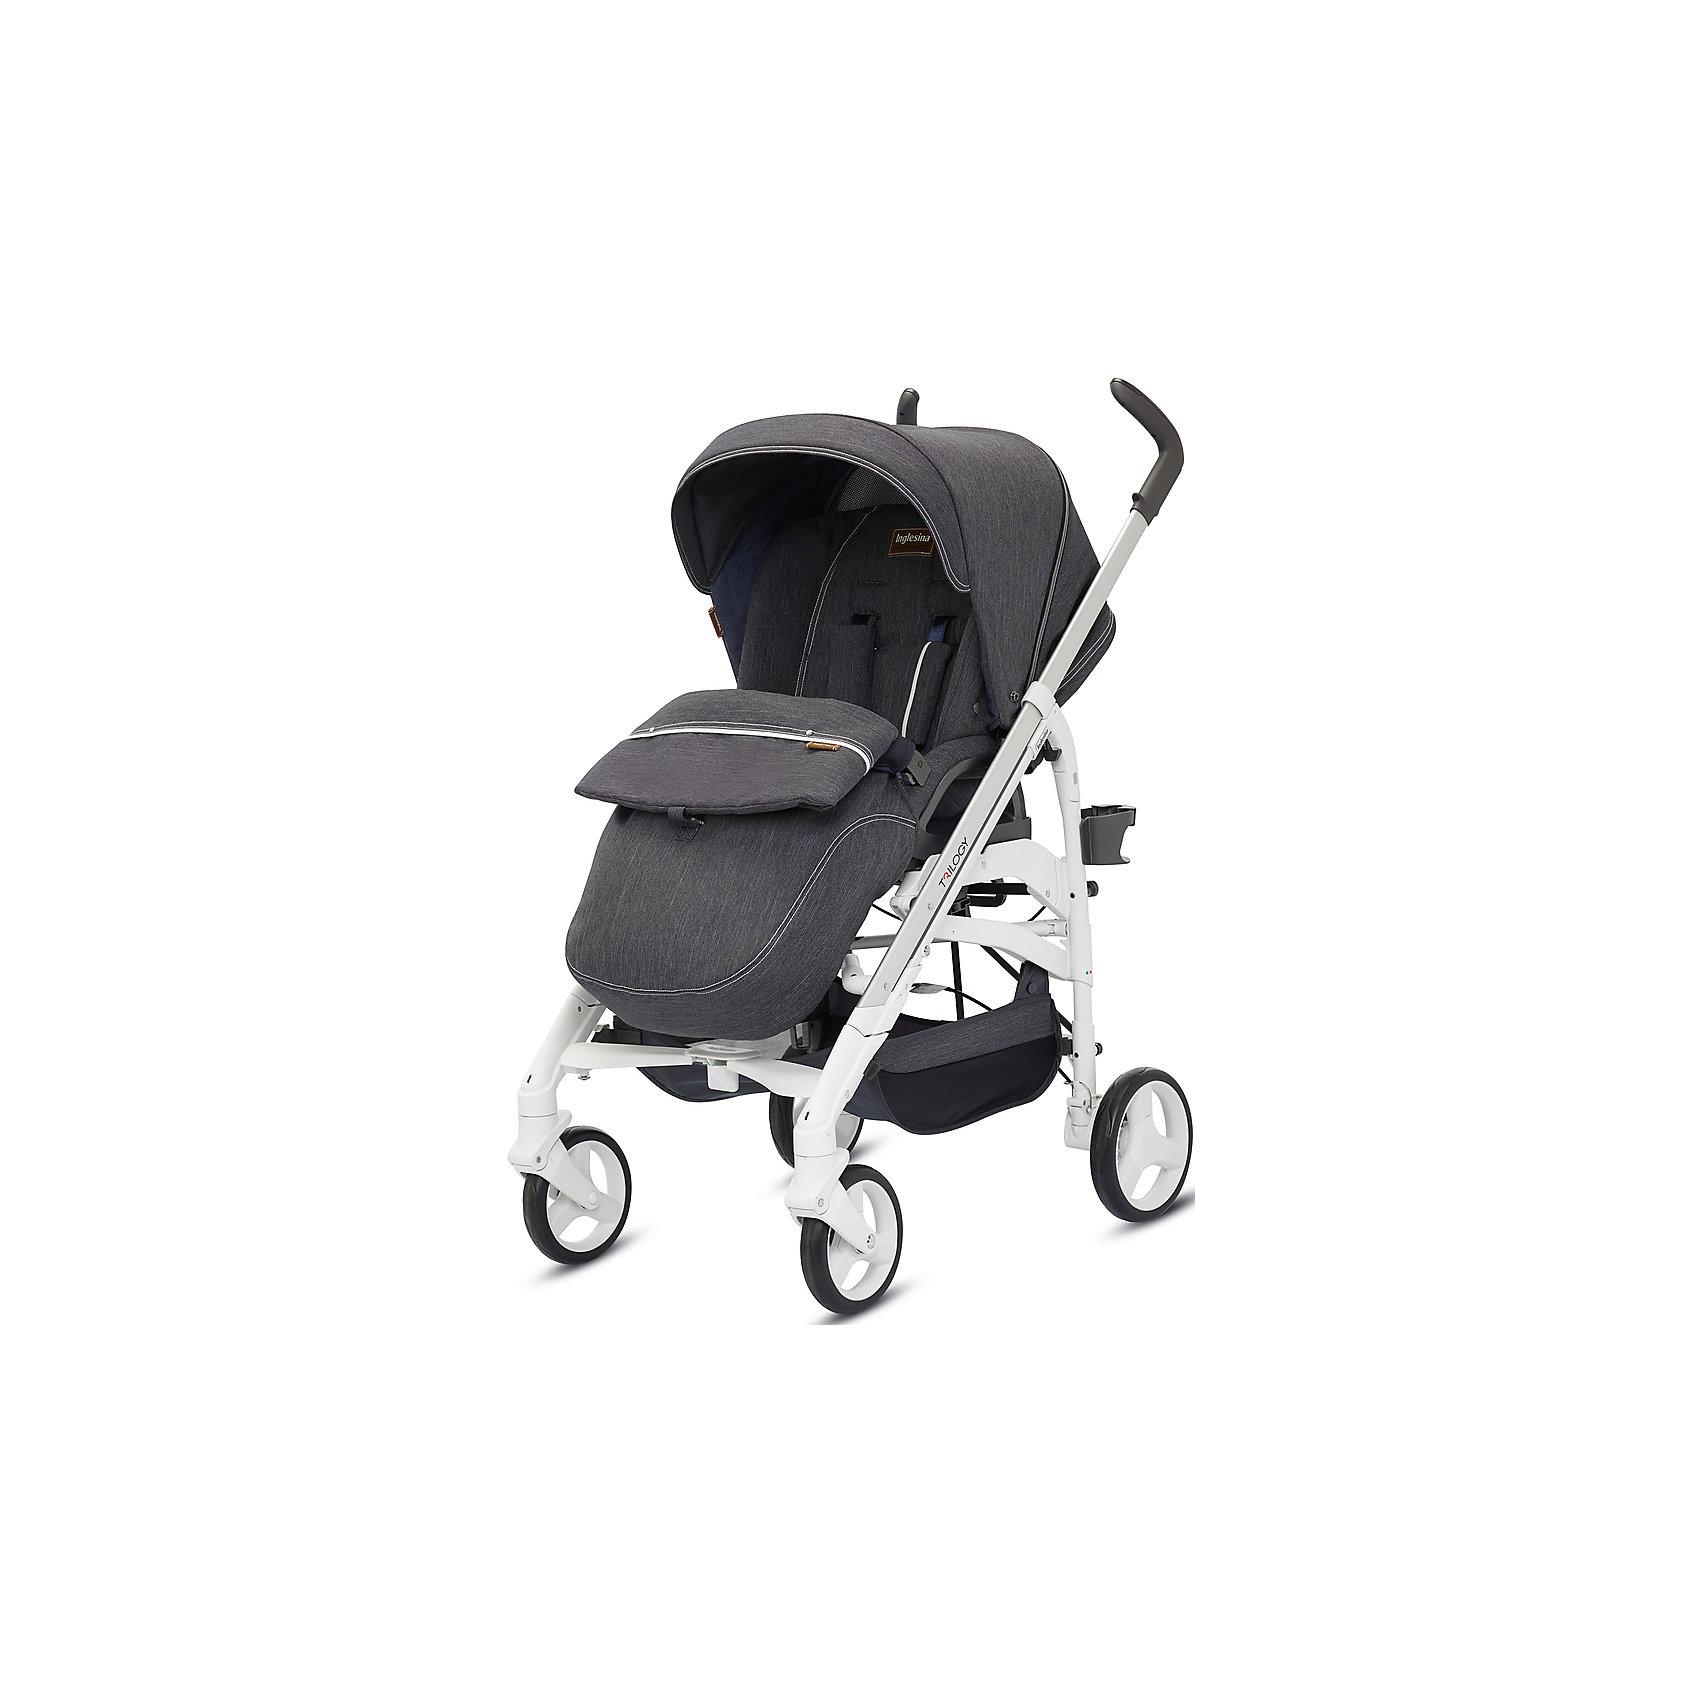 Прогулочная коляска Inglesina Trilogy, DenimПрогулочные коляски<br>Прогулочная коляска Trilogy - прекрасный вариант для малышей и их родителей! Модель имеет прочную алюминиевую раму, систему амортизации, передние поворотные колеса, с возможностью фиксации. Модель легко складывается, имеет ножной тормоз и небольшую ширину шасси, благодаря которой коляска войдет даже в самый узкий дверной проем. С помощью системы Easy Clips, прогулочный блок одним движением руки устанавливается и снимается с шасси. Прогулочный блок переставляется лицом к маме или по направлению движения Удобное сиденье, объемный капюшон со смотровым окошком, регулируемые подножка и спинка обеспечат малышу спокойный и комфортный отдых, а пятиточечные страховочные ремни с мягкими накладками и съемный бампер гарантируют безопасность. Чехол прогулочного блока выполнен из прочных материалов, он легко снимается и стирается в теплой воде. <br><br>Дополнительная информация:<br><br>- Материал: пластик, резина, текстиль, алюминий.<br>- Тип складывания: трость. <br>- Размер в разложенном виде: 83х57х107 см. <br>- Размер в сложенном виде: 48х37х97 см.<br>- Ширина шасси: 57 см.<br>- Количество колес: 4.<br>- Колеса с подшипниками. <br>- Диаметр колес: передних - 17,5 см; задних - 20,5 см.<br>- Вес: 9,5 кг.<br>- Передние колеса поворотные с возможностью фиксации. <br>- Регулируемая спинка (в 4-хположениях, до горизонтального).<br>- Регулируемая подножка (в 2-х положениях).<br>- 5-титочечные ремни безопасности.<br>- Съемный бампер.<br>- Капюшон со смотровым окошком. <br>- Регулируемая по высоте ручка. <br>- Максимальный вес ребенка: 15 кг. <br>- Вместительная корзина для вещей. <br>- Комплектация: накидка на ножки, дождевик, подстаканник. <br><br>Прогулочную коляску Trilogy, Inglesina (Инглезина), Denim, можно купить в нашем магазине.<br><br>Ширина мм: 1000<br>Глубина мм: 324<br>Высота мм: 415<br>Вес г: 13150<br>Возраст от месяцев: 6<br>Возраст до месяцев: 36<br>Пол: Унисекс<br>Возраст: Детский<br>SKU: 4764224